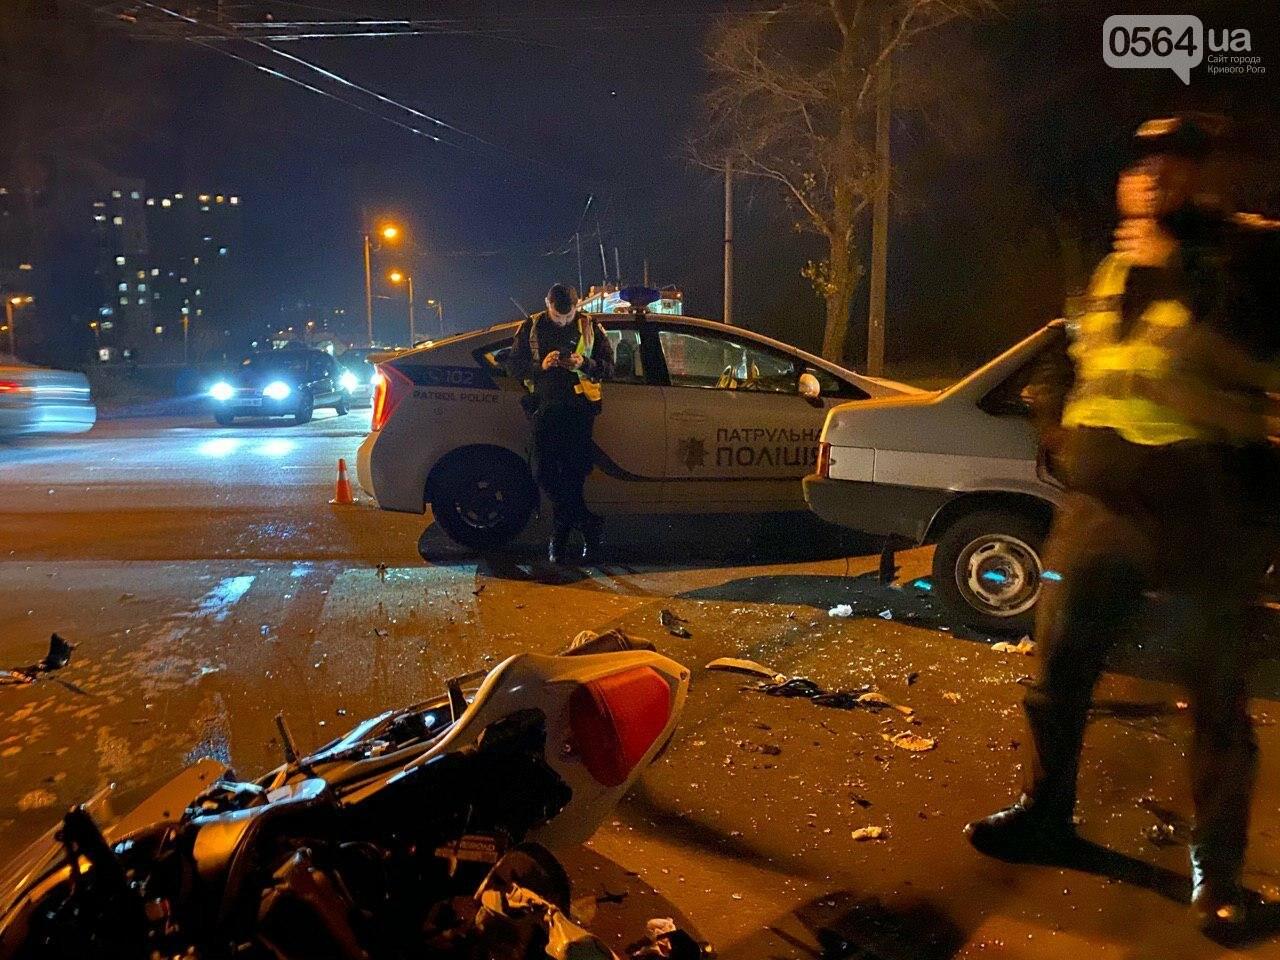 Тройное ДТП в Кривом Роге - дорогу не поделили мотоцикл и две легковушки. Есть пострадавшие, - ФОТО, ВИДЕО, фото-13